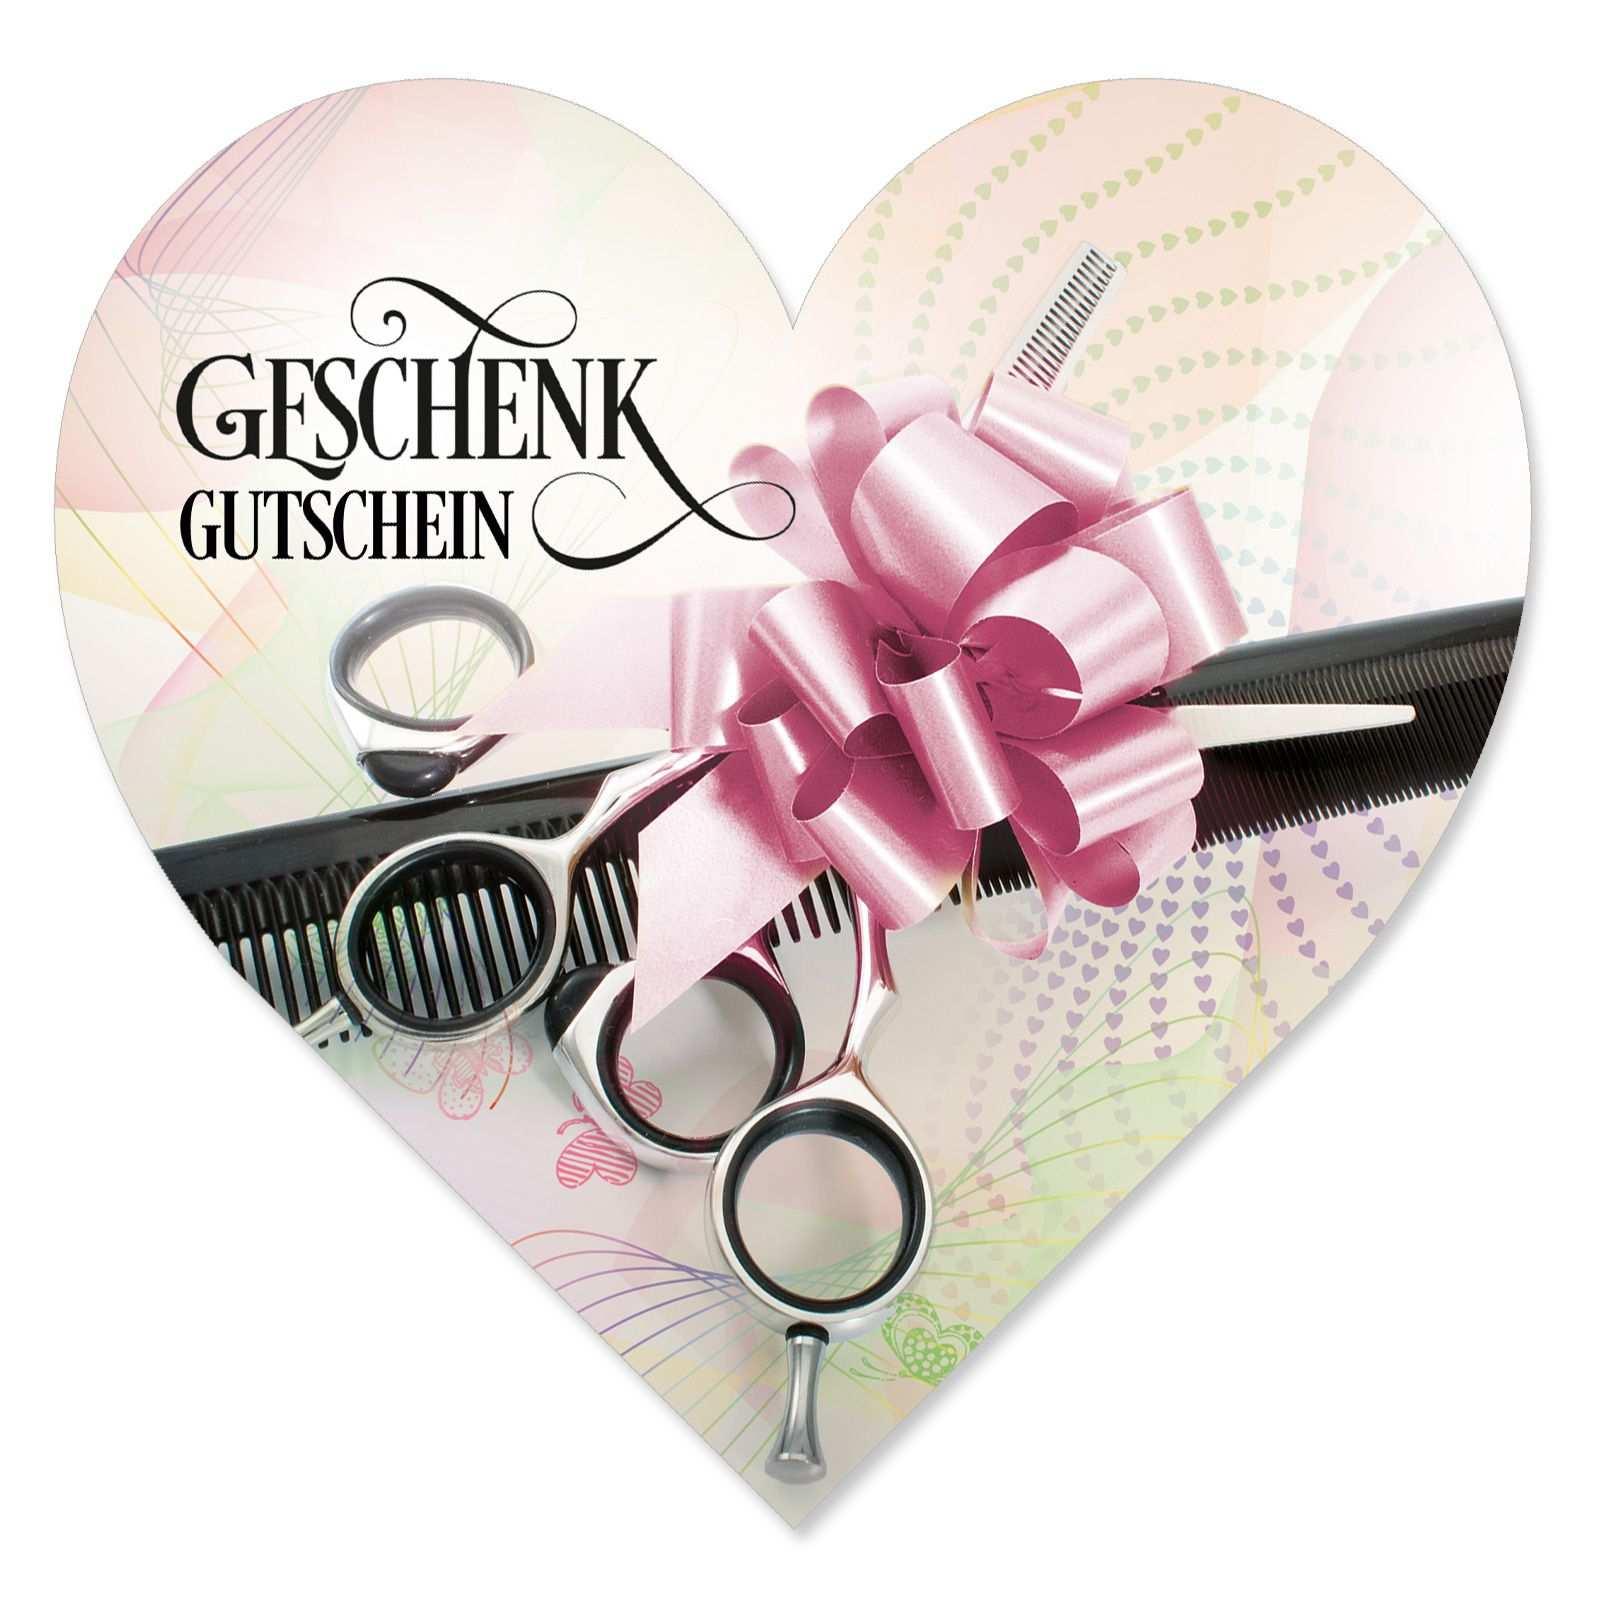 Herz Geschenkgutschein K450 Erhaltlich Auf Www Geschenkgutschein